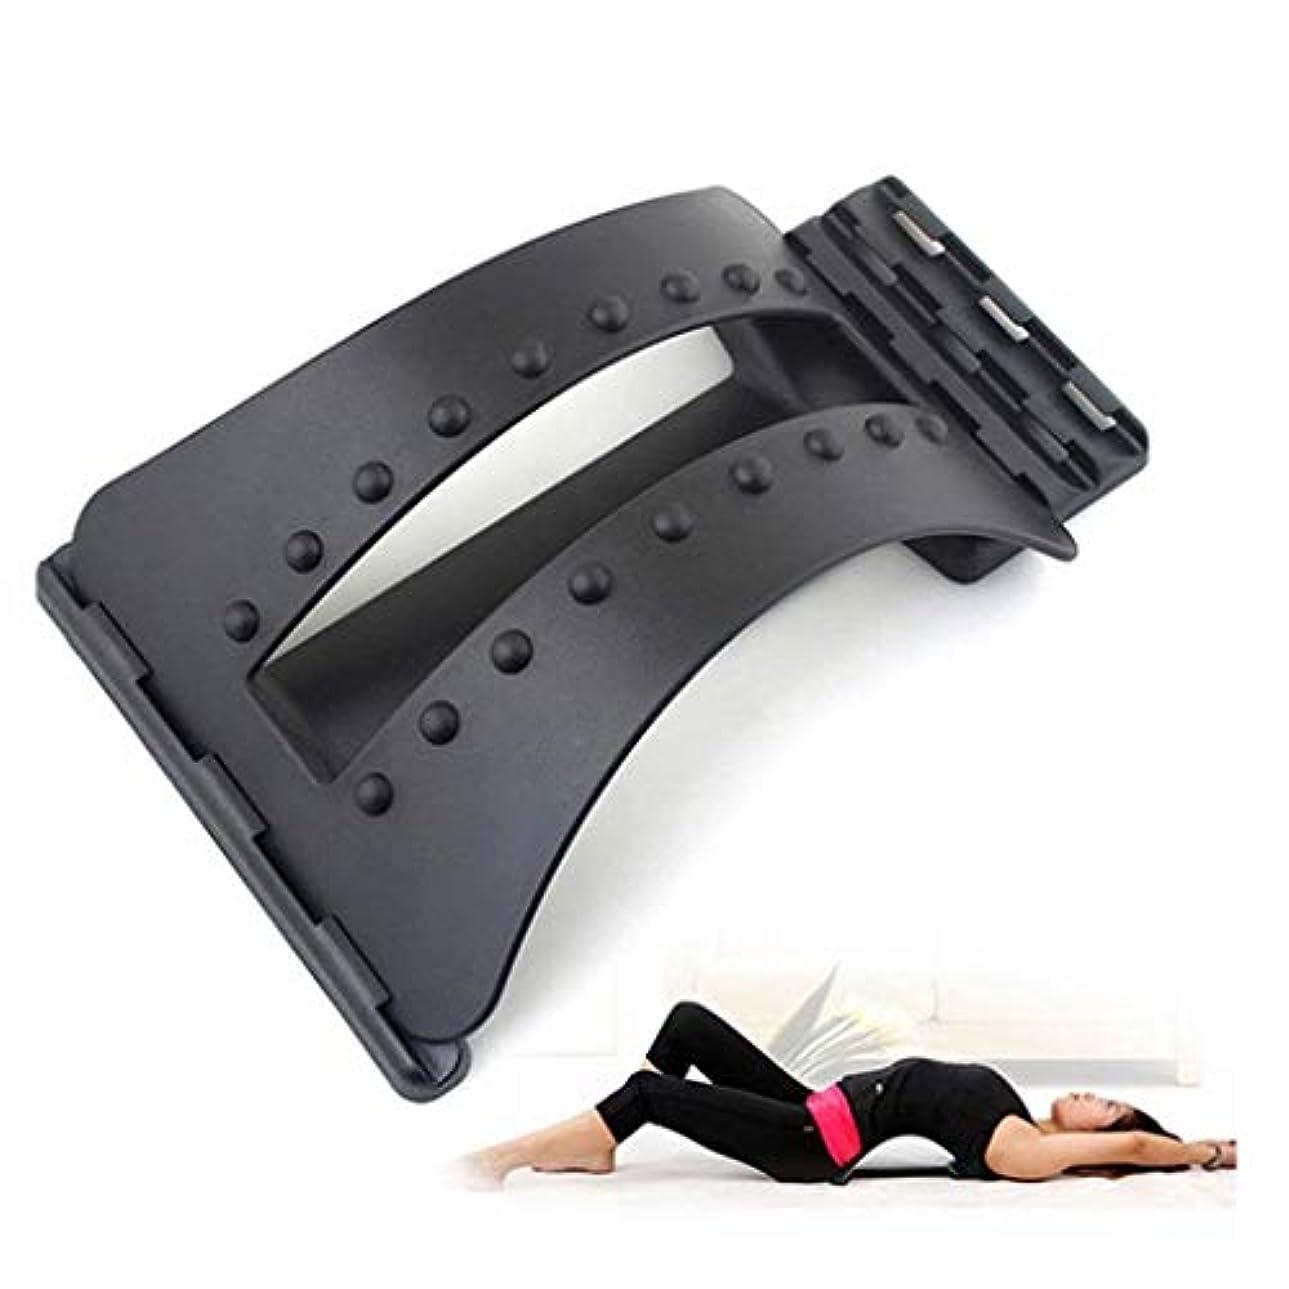 そうでなければブロックするレベルバックマッサージ、マジックバックサポートとストレッチストレッチャーマジックストレッチャーバックストレッチャー腰椎サポートデバイスリラクゼーションパートナー脊椎の痛みを軽減する脊椎マッサージ療法